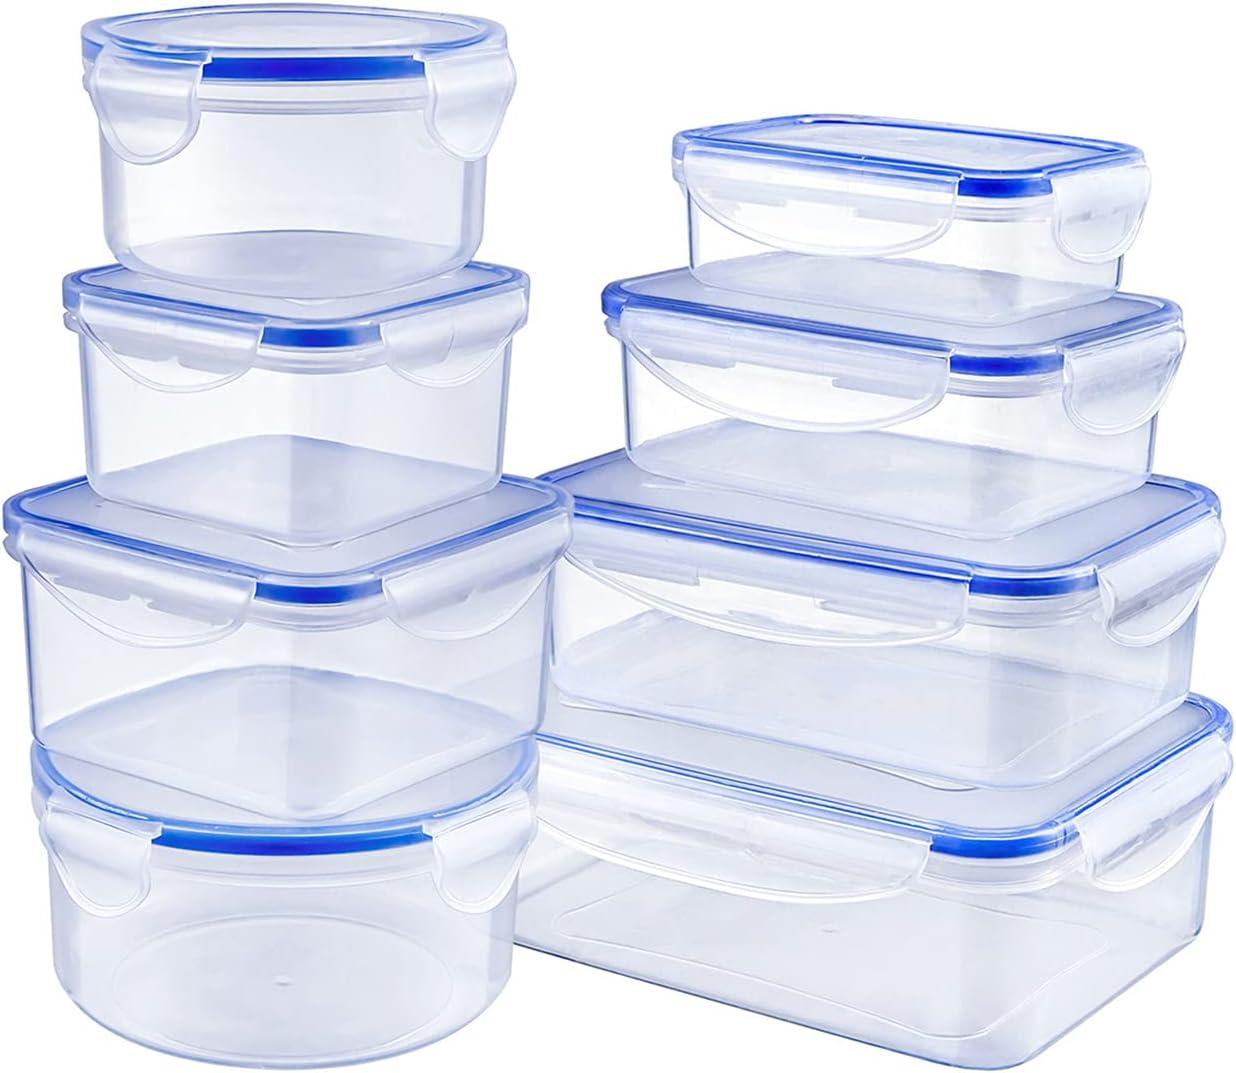 Fiambreras, Set de 8 Recipientes para Alimentos Plástico Sin BPA, Apto para Lavavajilla, Microondas, Congelador Set de Recipientes Herméticos